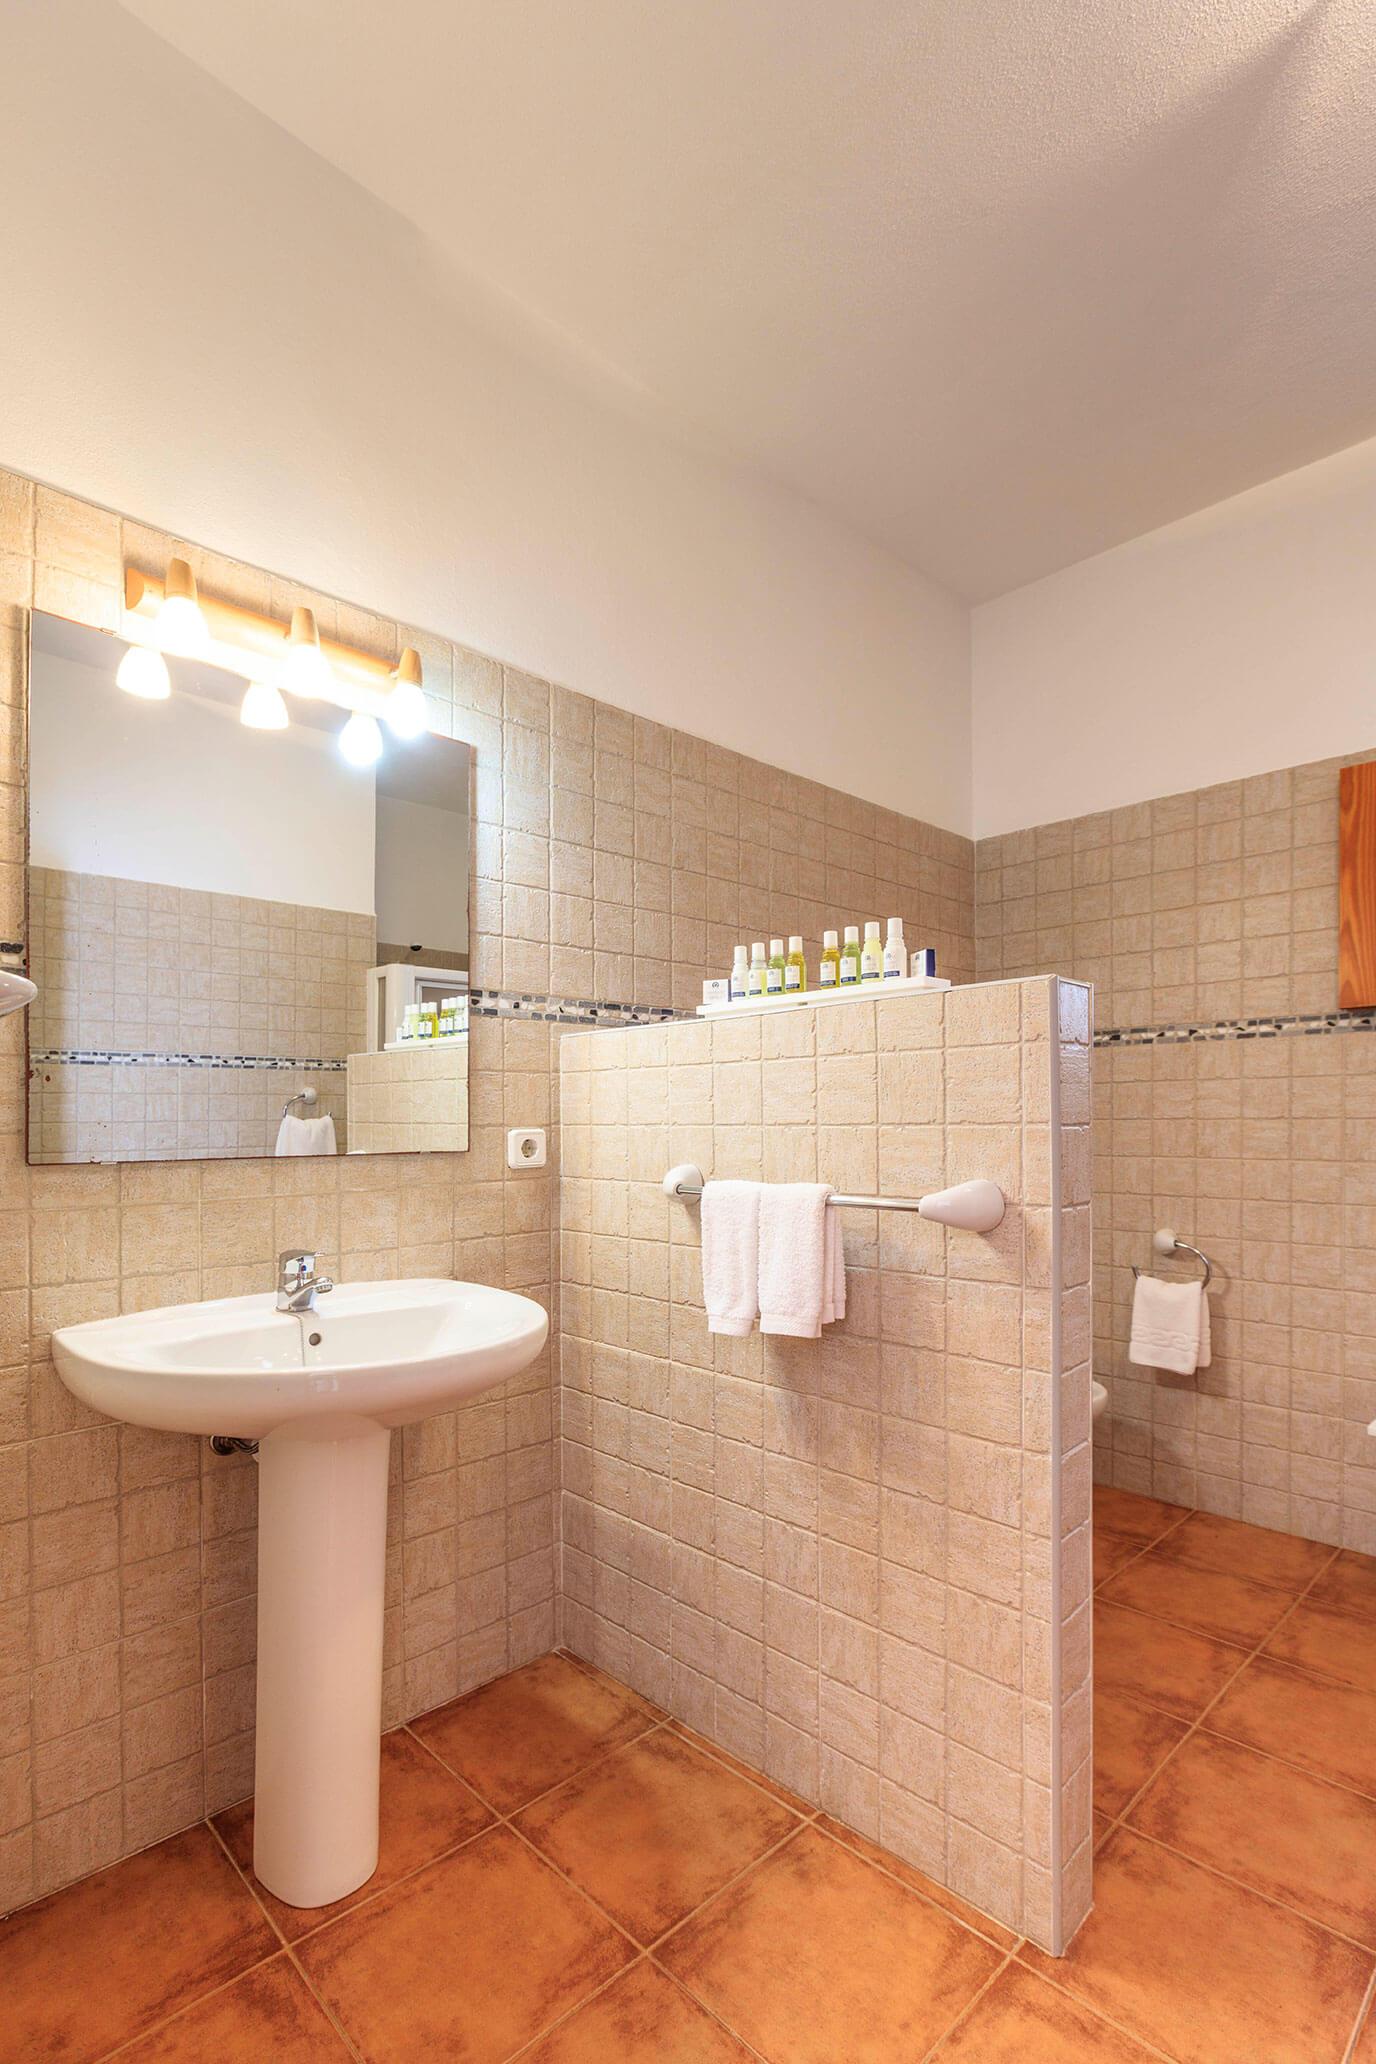 Baño en apartamento vacacional. Alojamientos turísticos Cardona